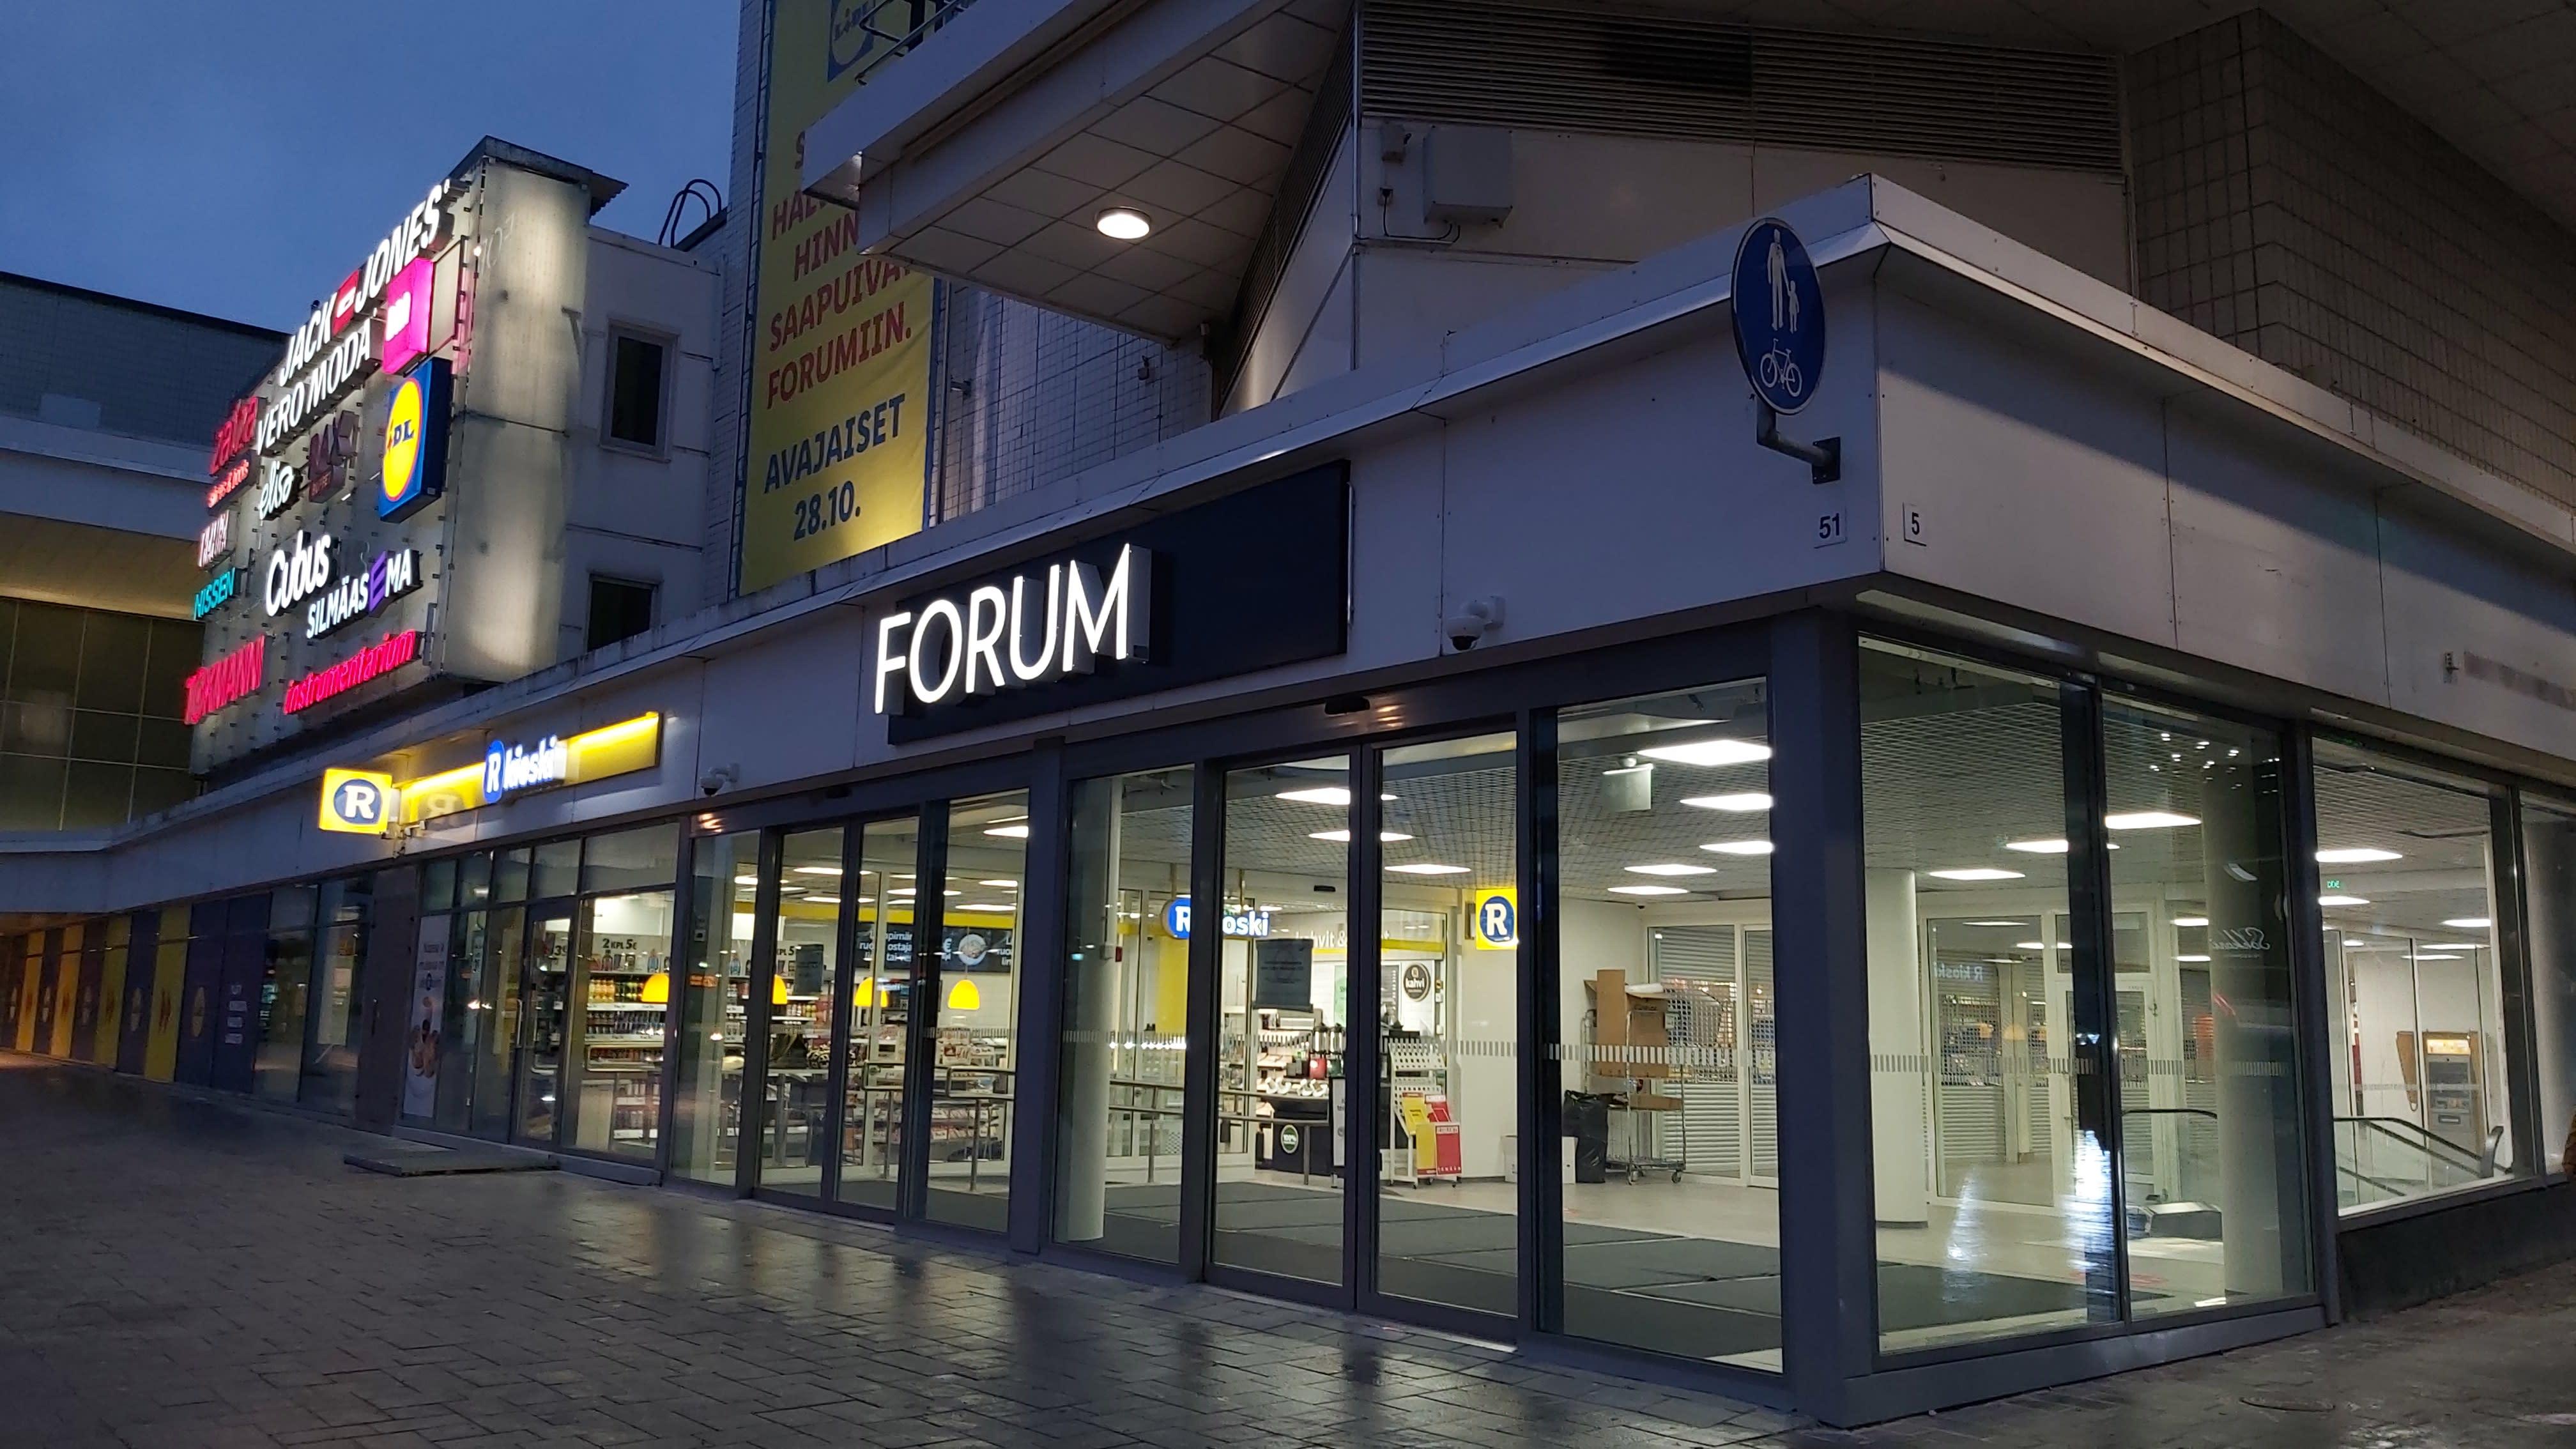 Jyväskylän keskustassa kauppakeskus Forumin uusi sisäänkäynti iltavalaistuksessa.